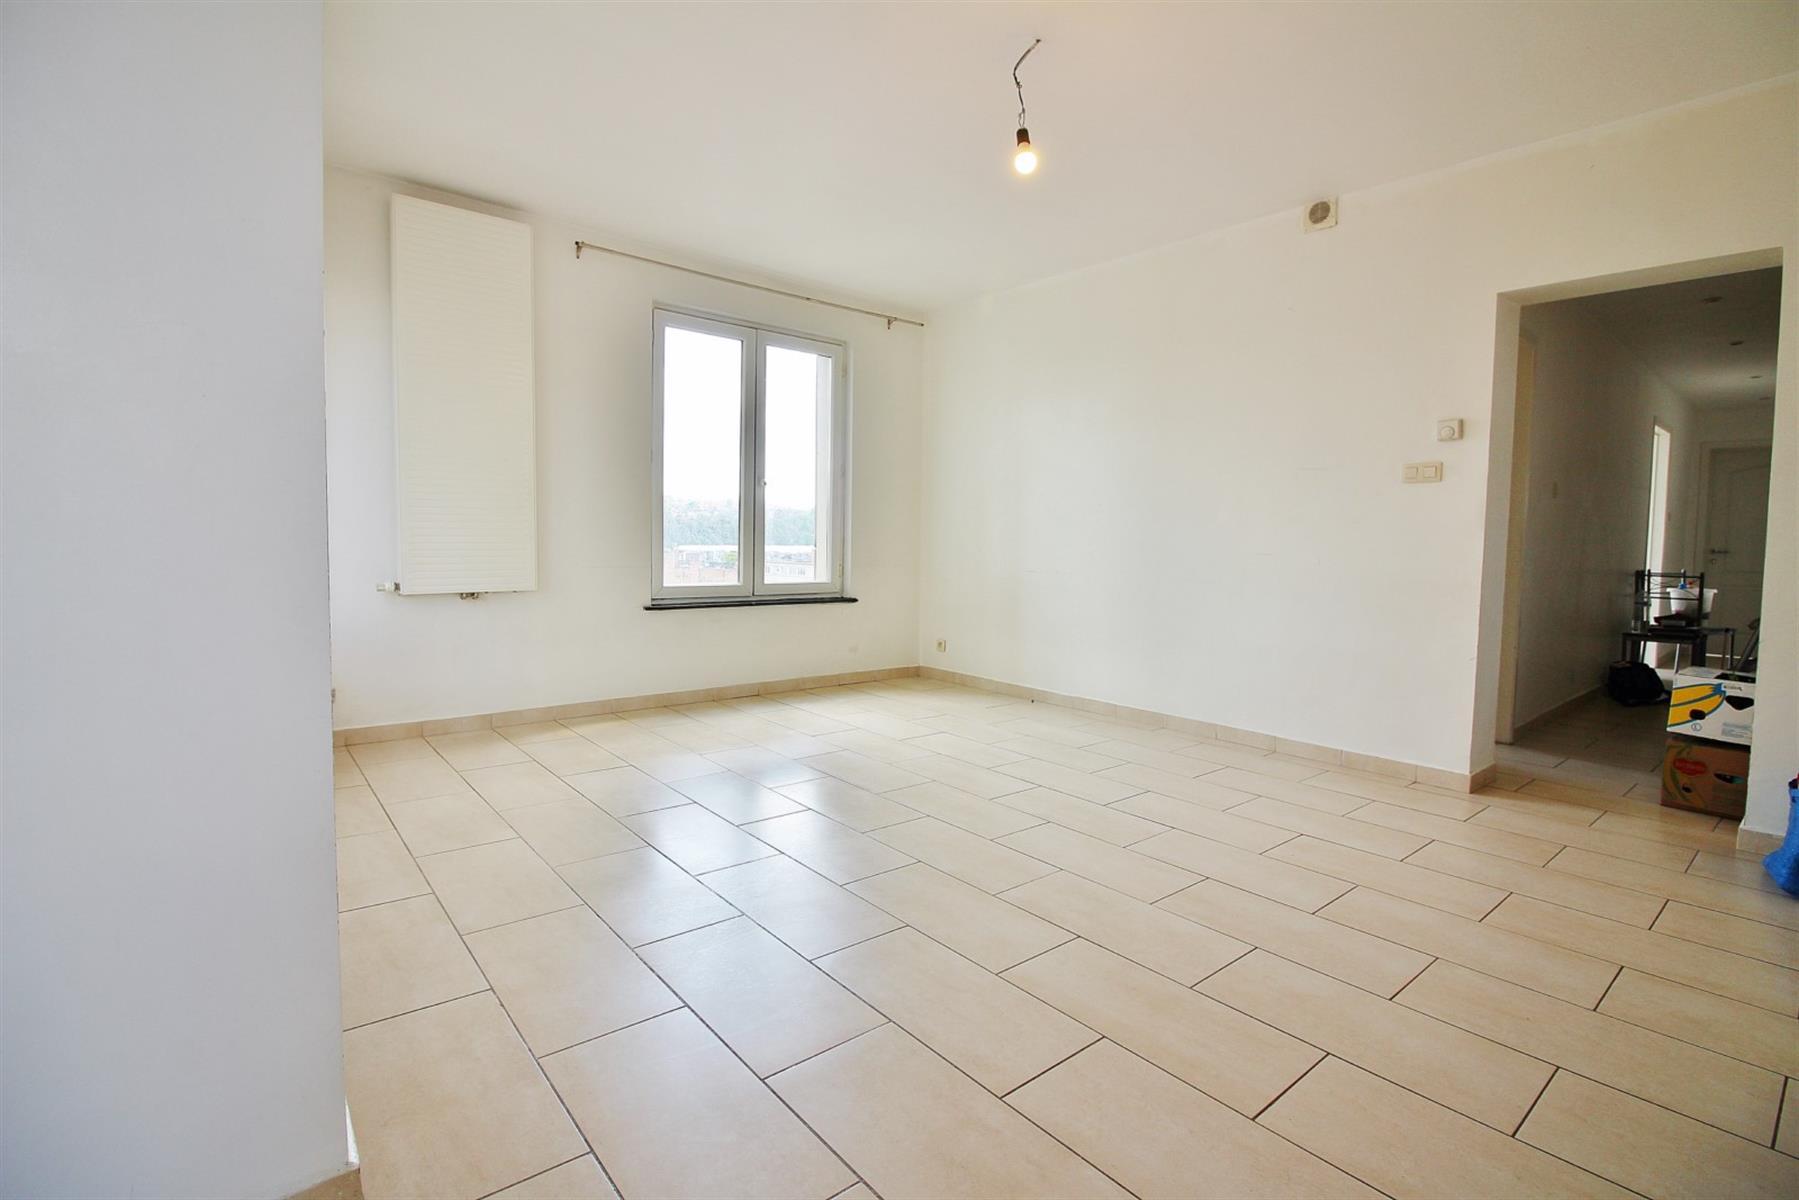 Appartement - Liege - #4394490-3